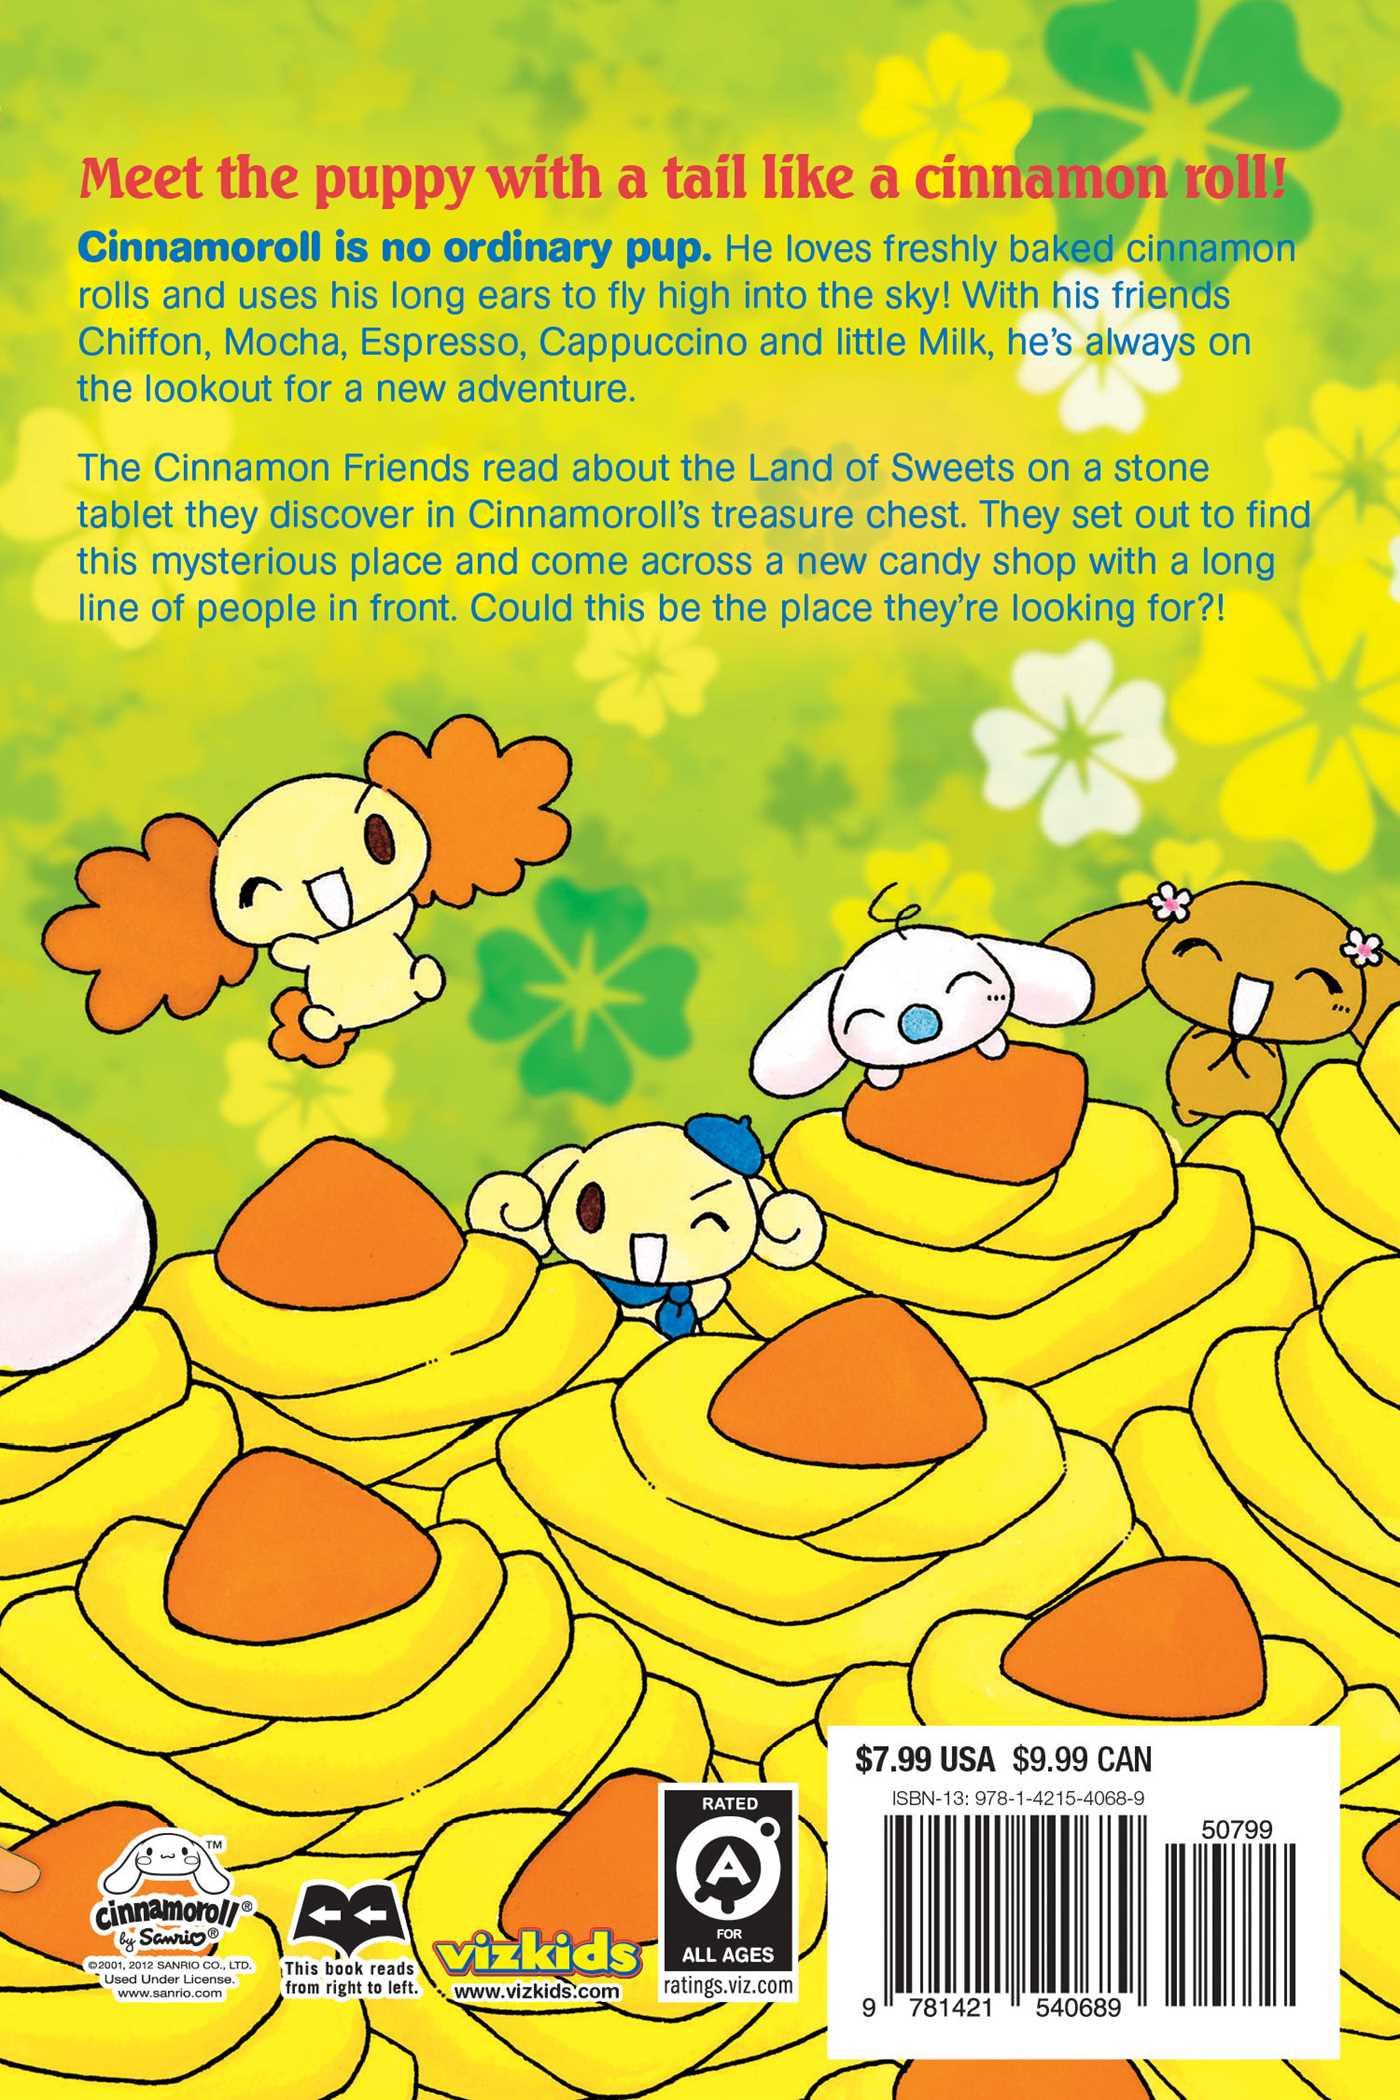 Fluffy fluffy cinnamoroll vol 3 9781421540689 hr back